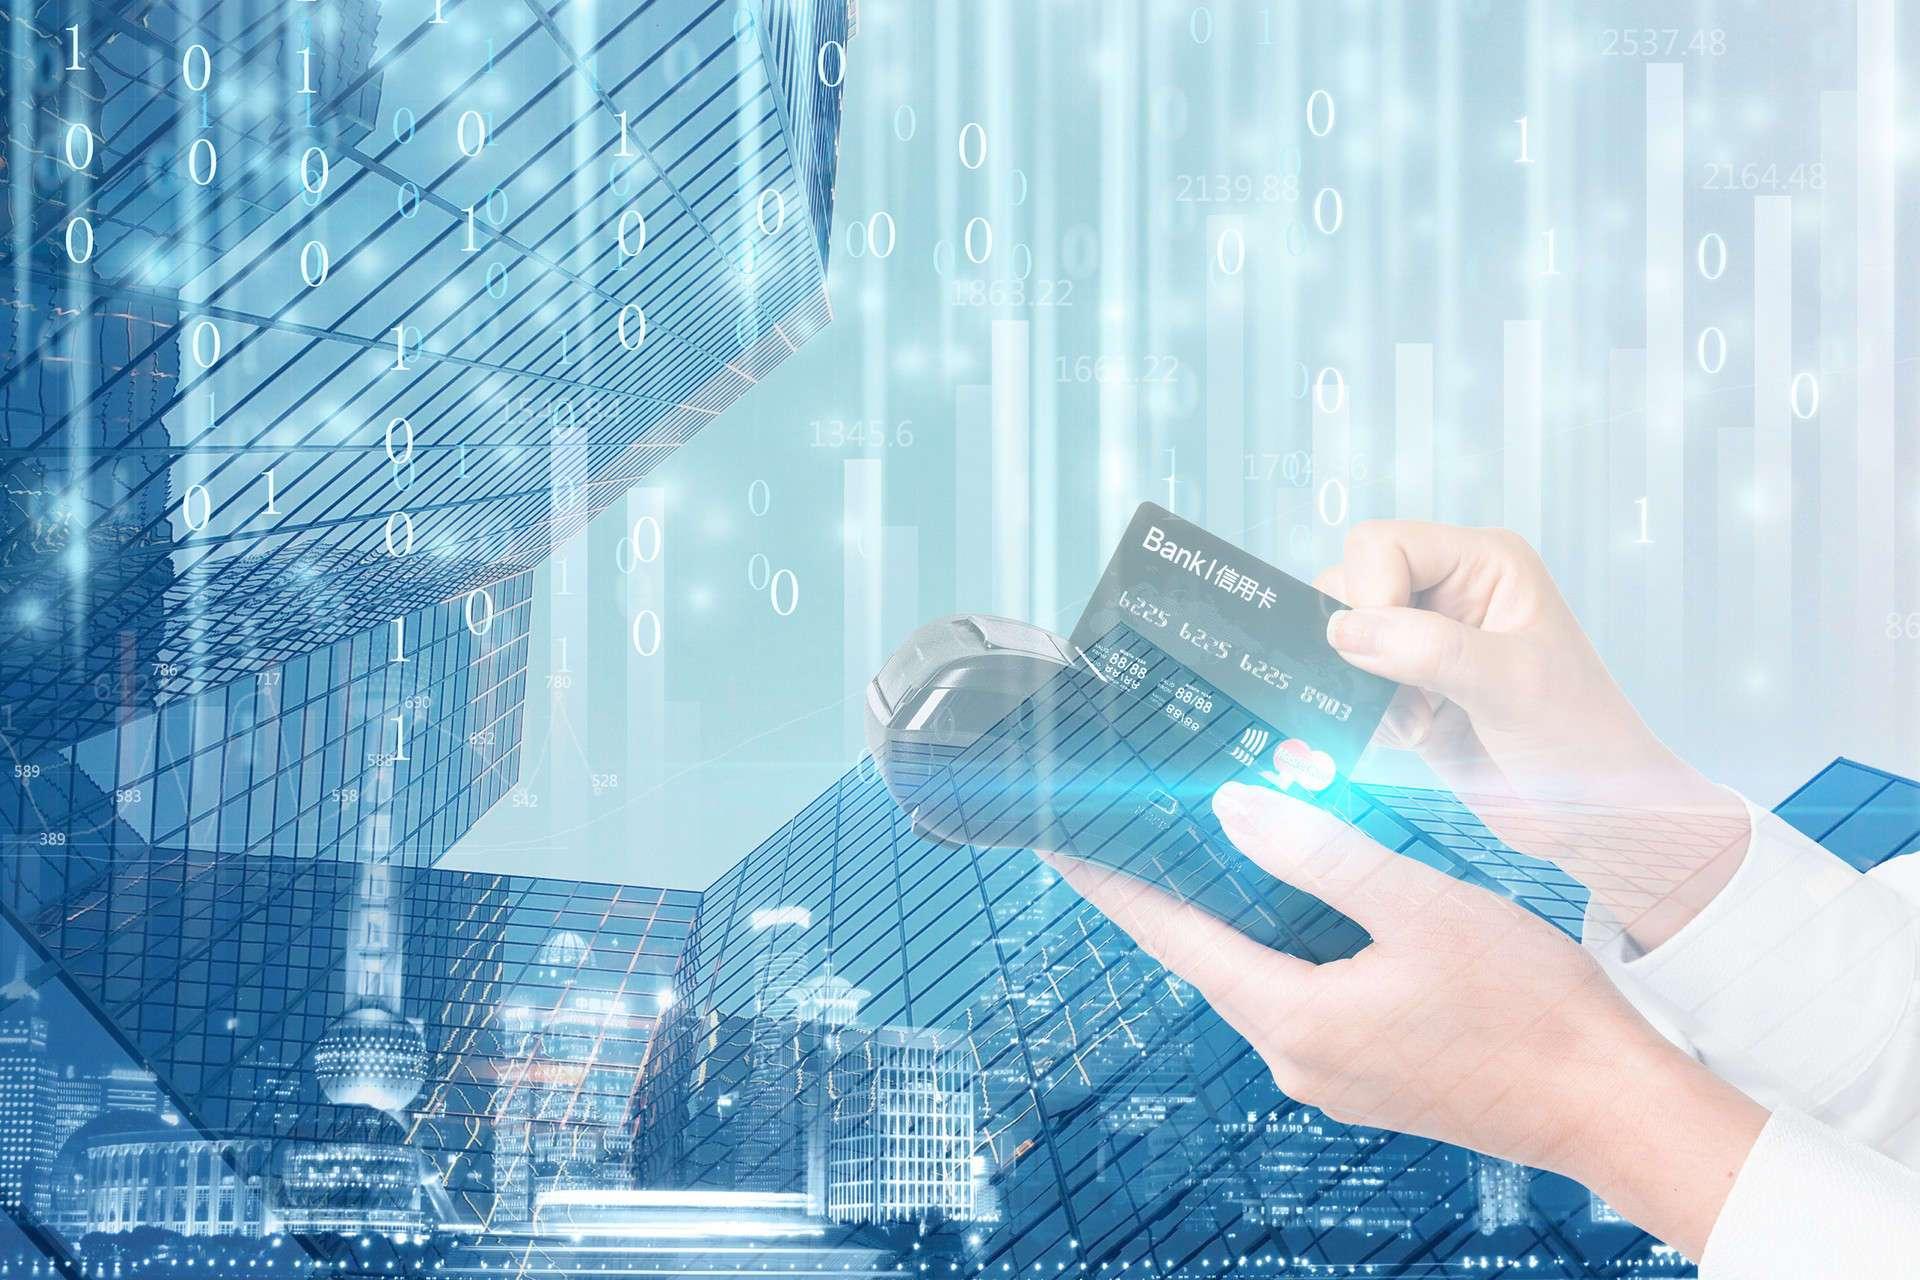 趣链科技、趣链科技、浙江省电子商务促进中心、趣链、区块链、电子商务、电商、标准